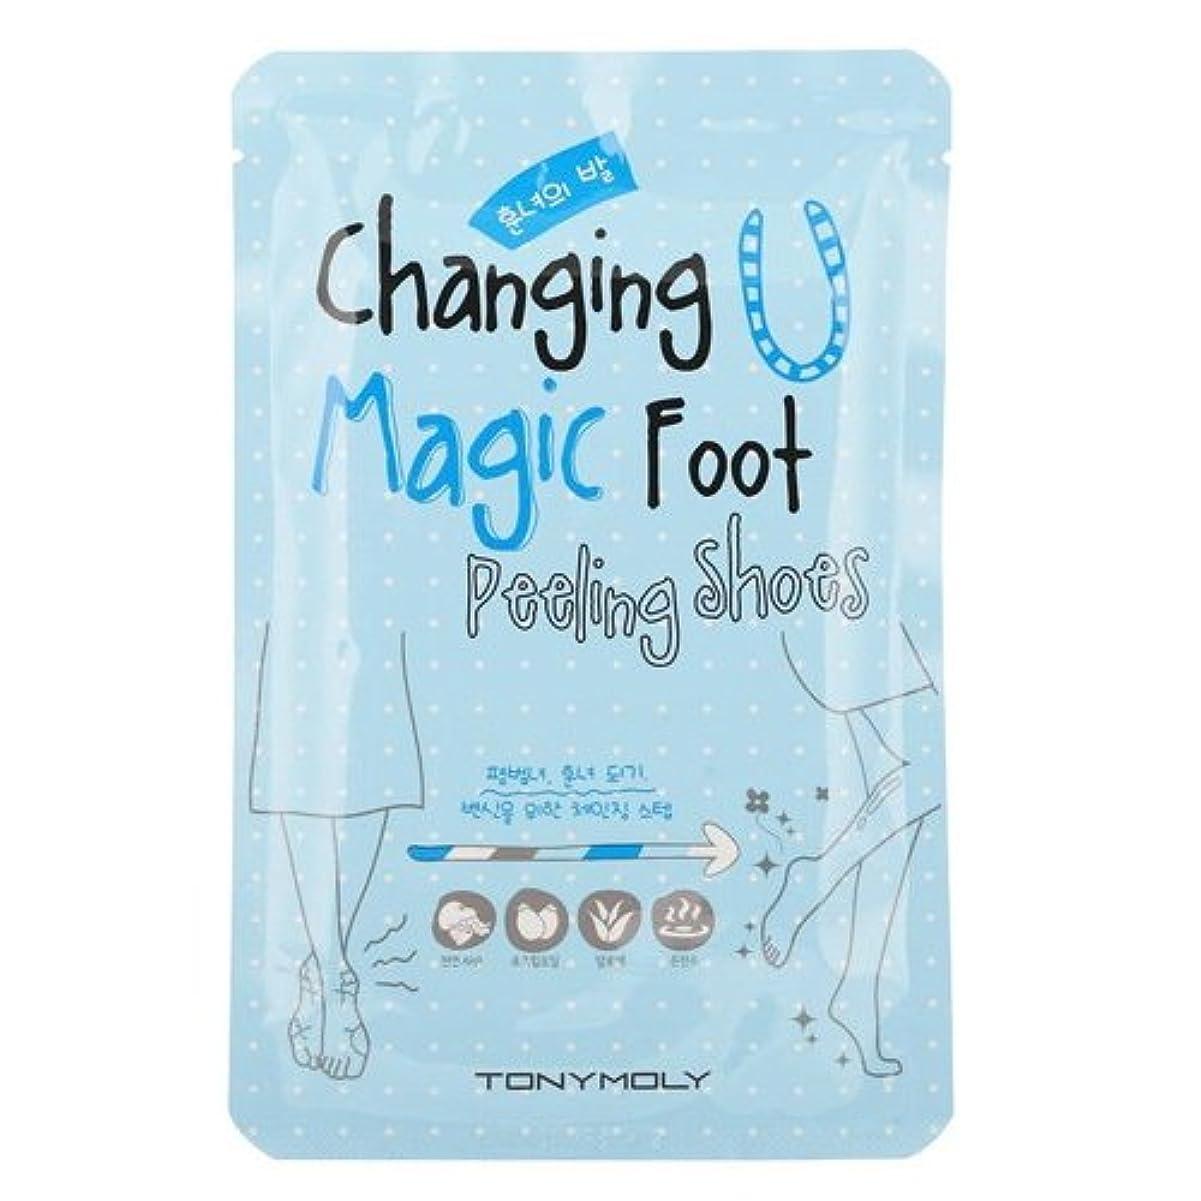 句読点ゆるく接尾辞(3 Pack) TONYMOLY Changing U Magic Foot Peeling Shoes (並行輸入品)